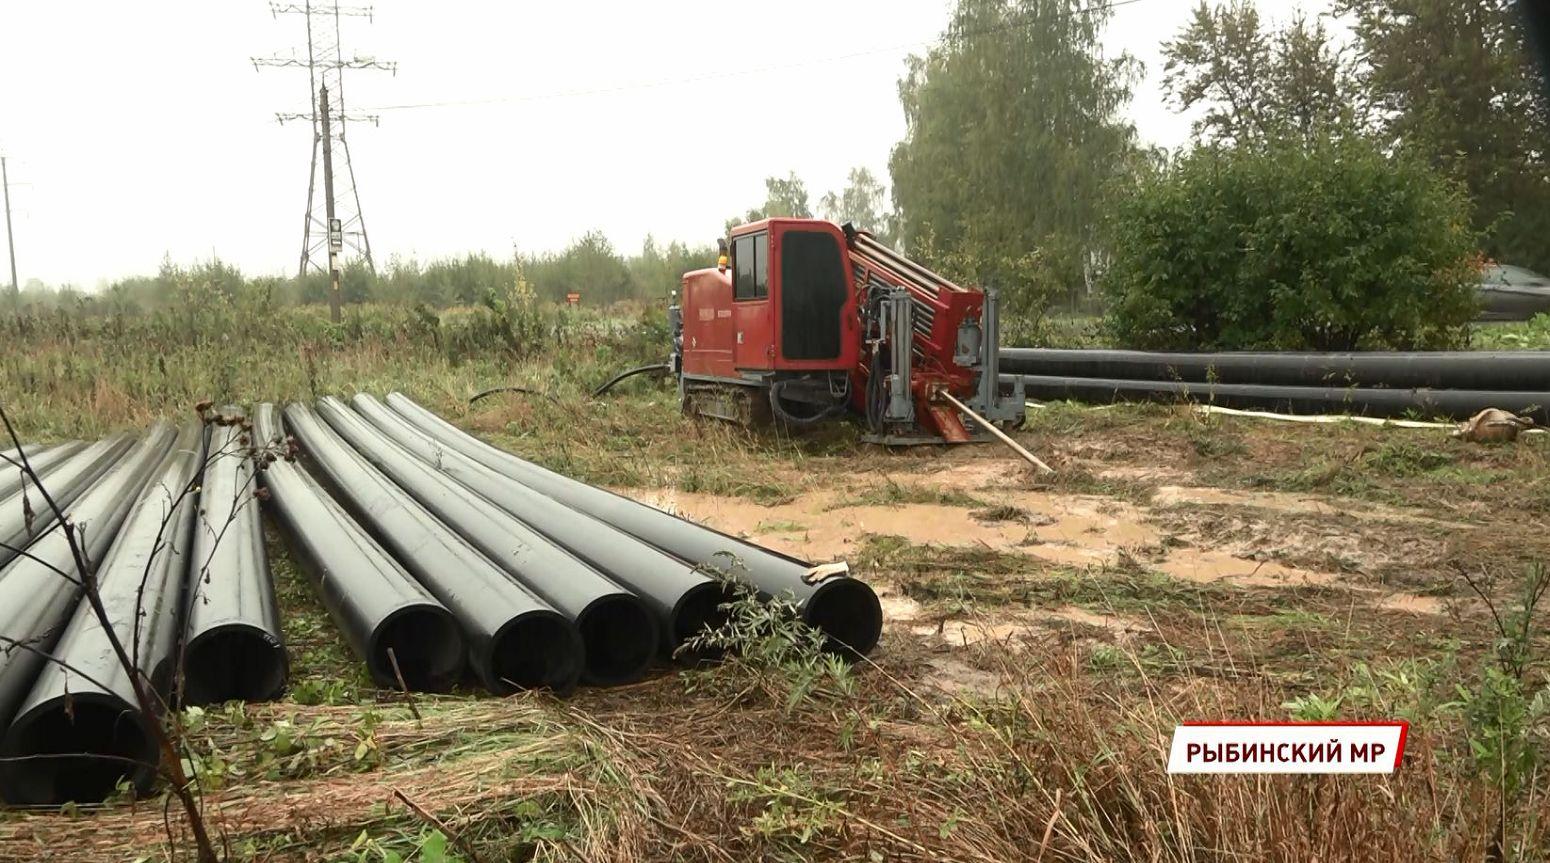 В Рыбинском районе завершается строительство Дюдьковского коллектора